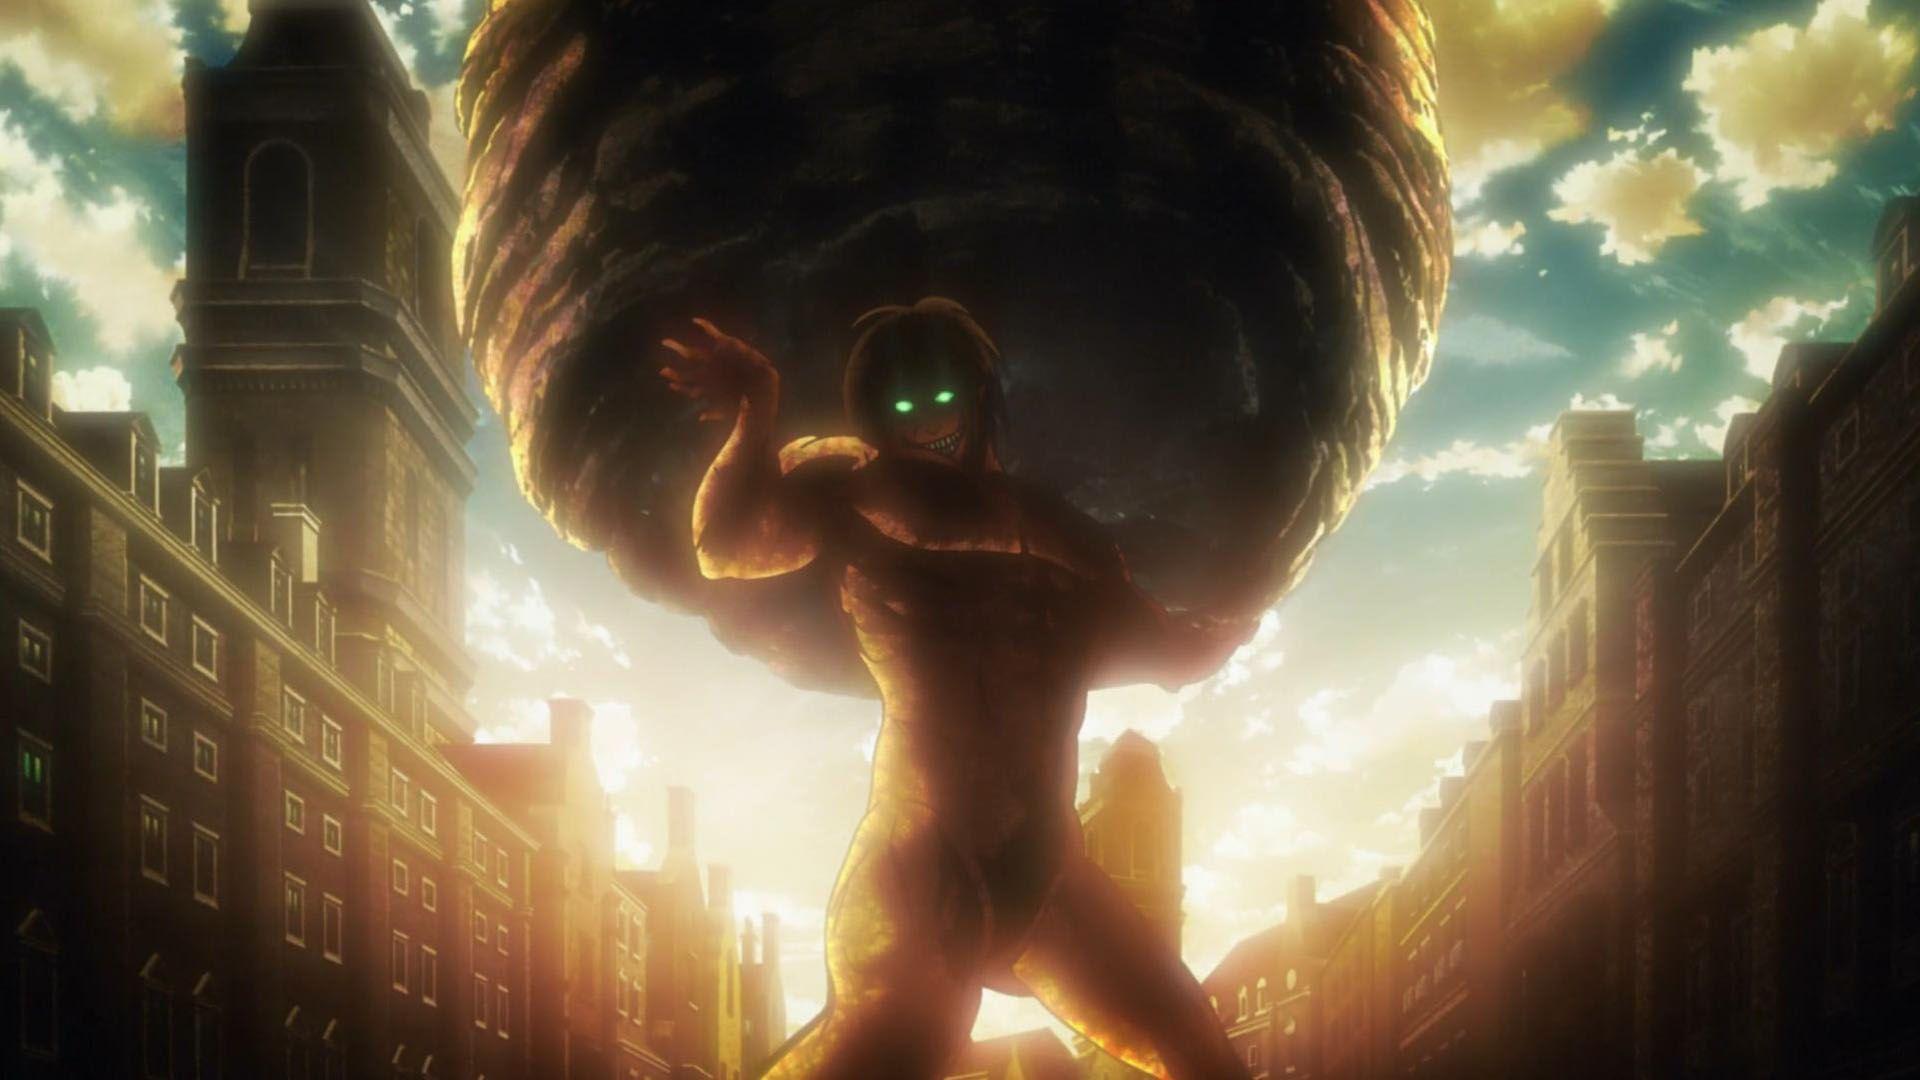 Pin on Attack on Titan (Shingeki no Kyojin)